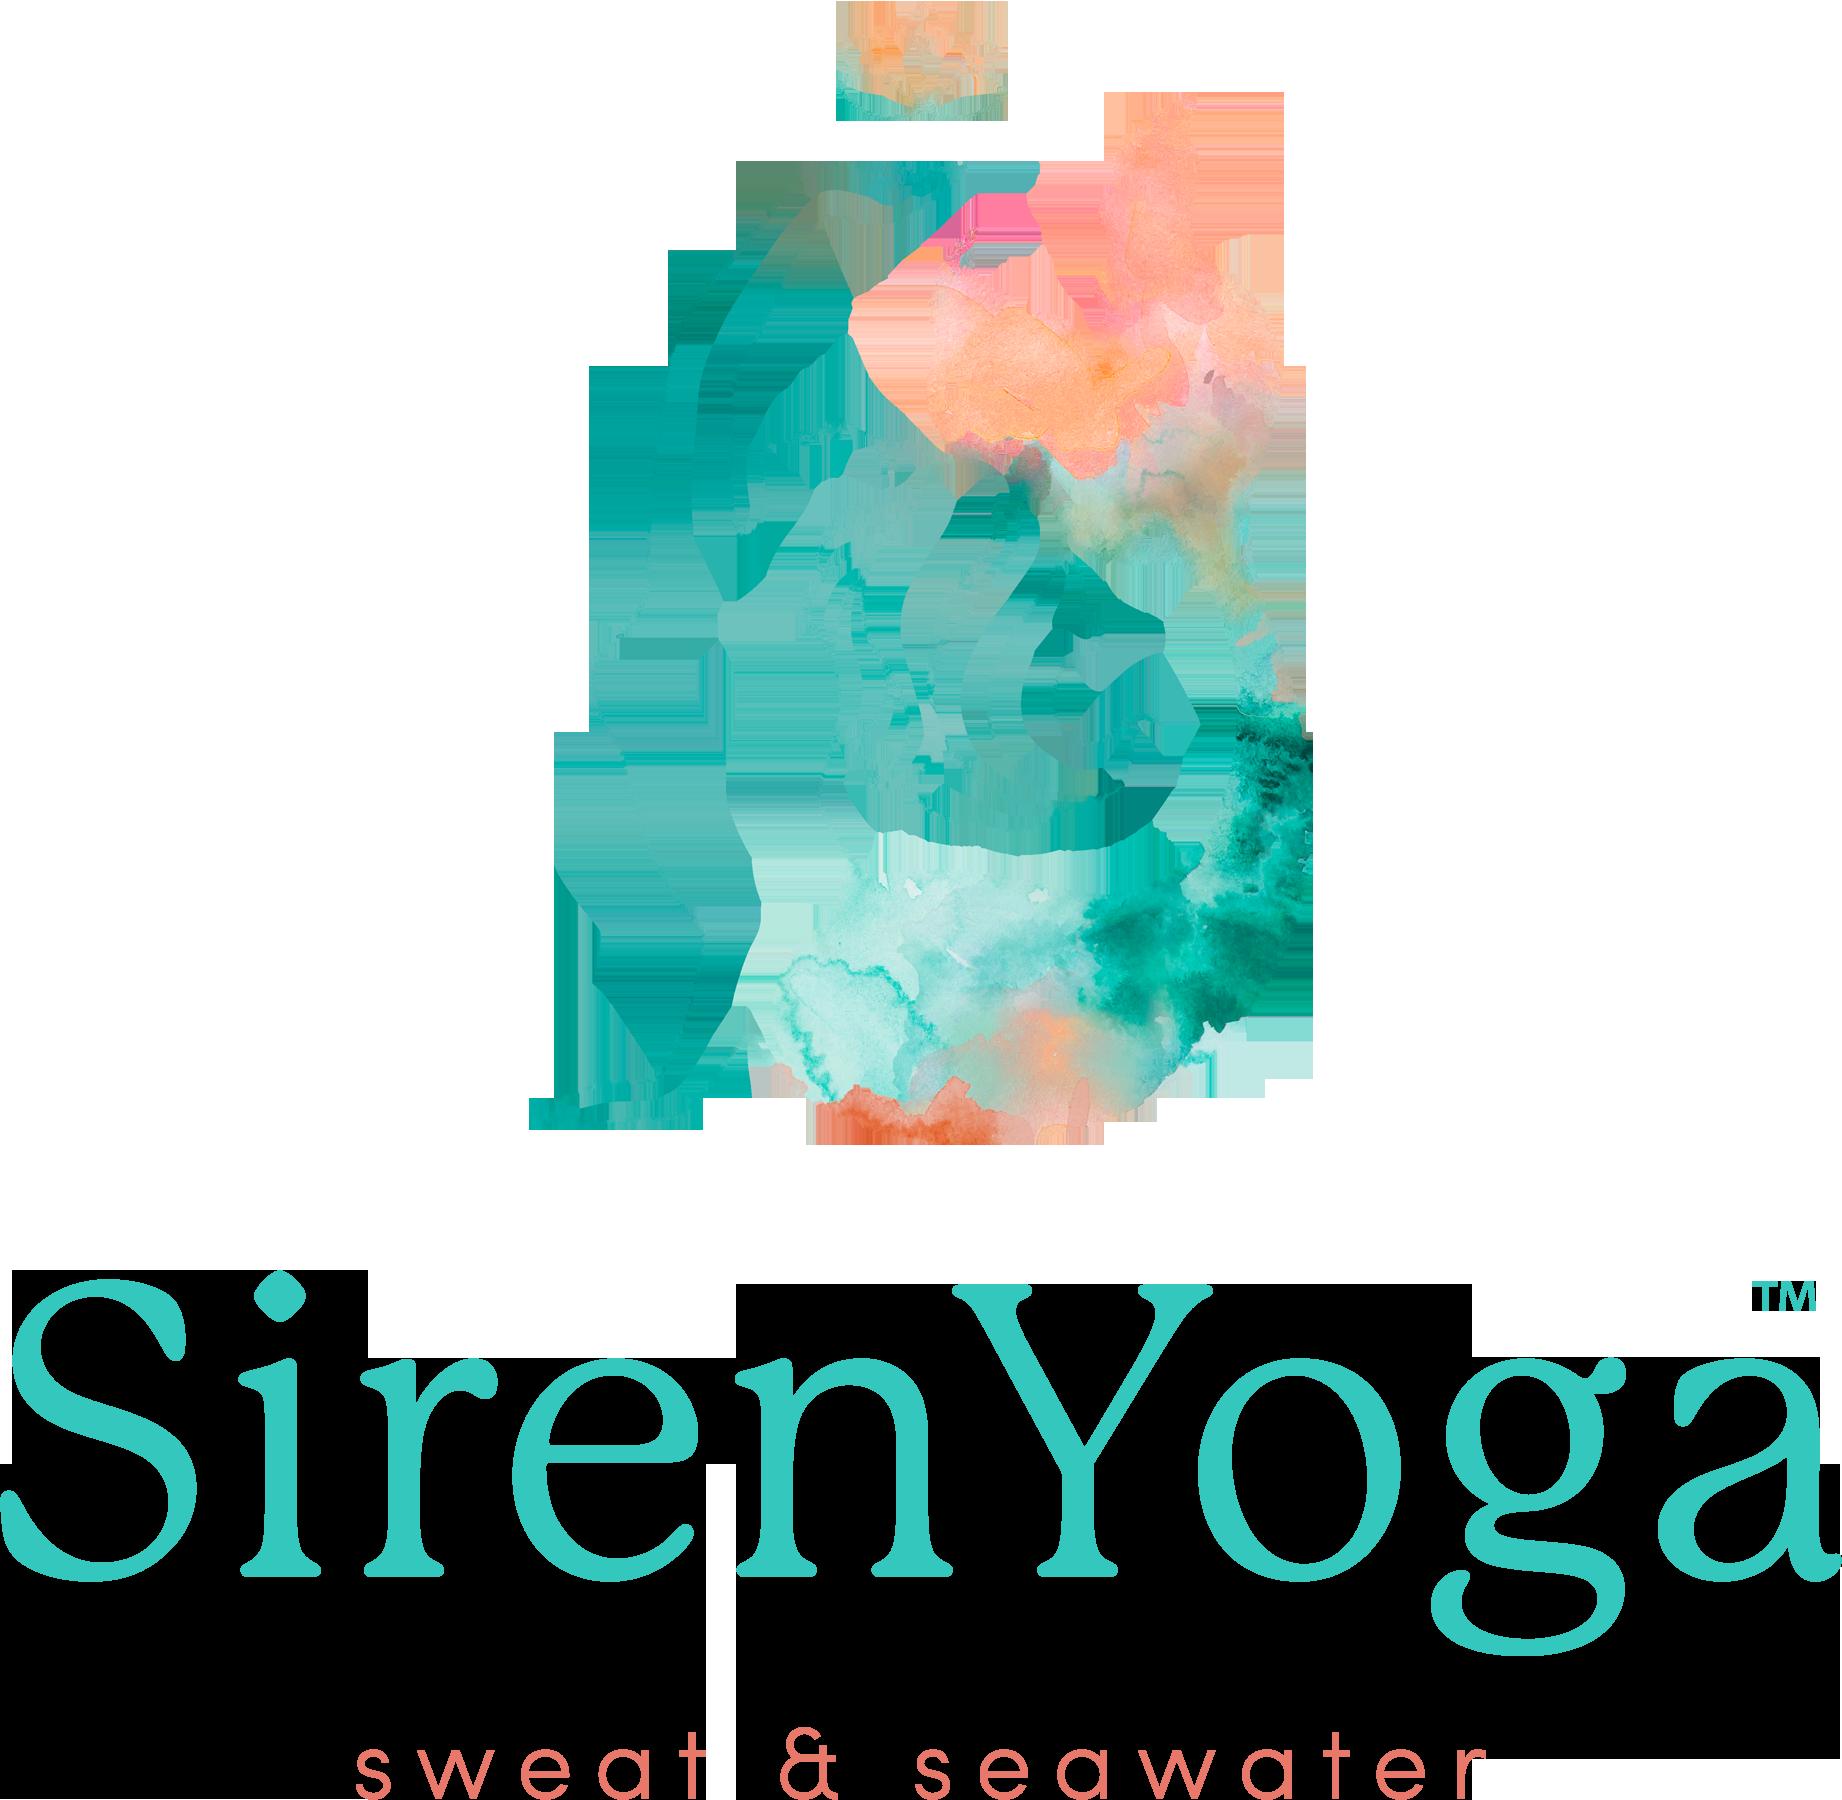 SirenYoga_Full Version_Watercolor_Transparent.png